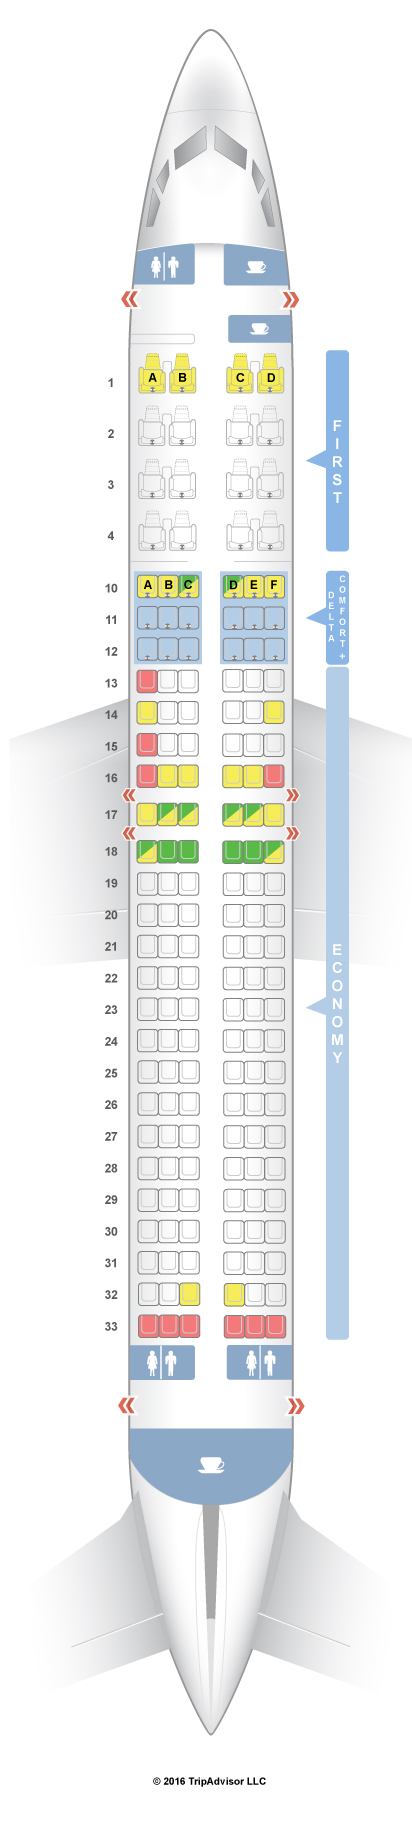 Seatguru Seat Map Delta Boeing 737 800 73h Seatguru Economy Seats British Airways